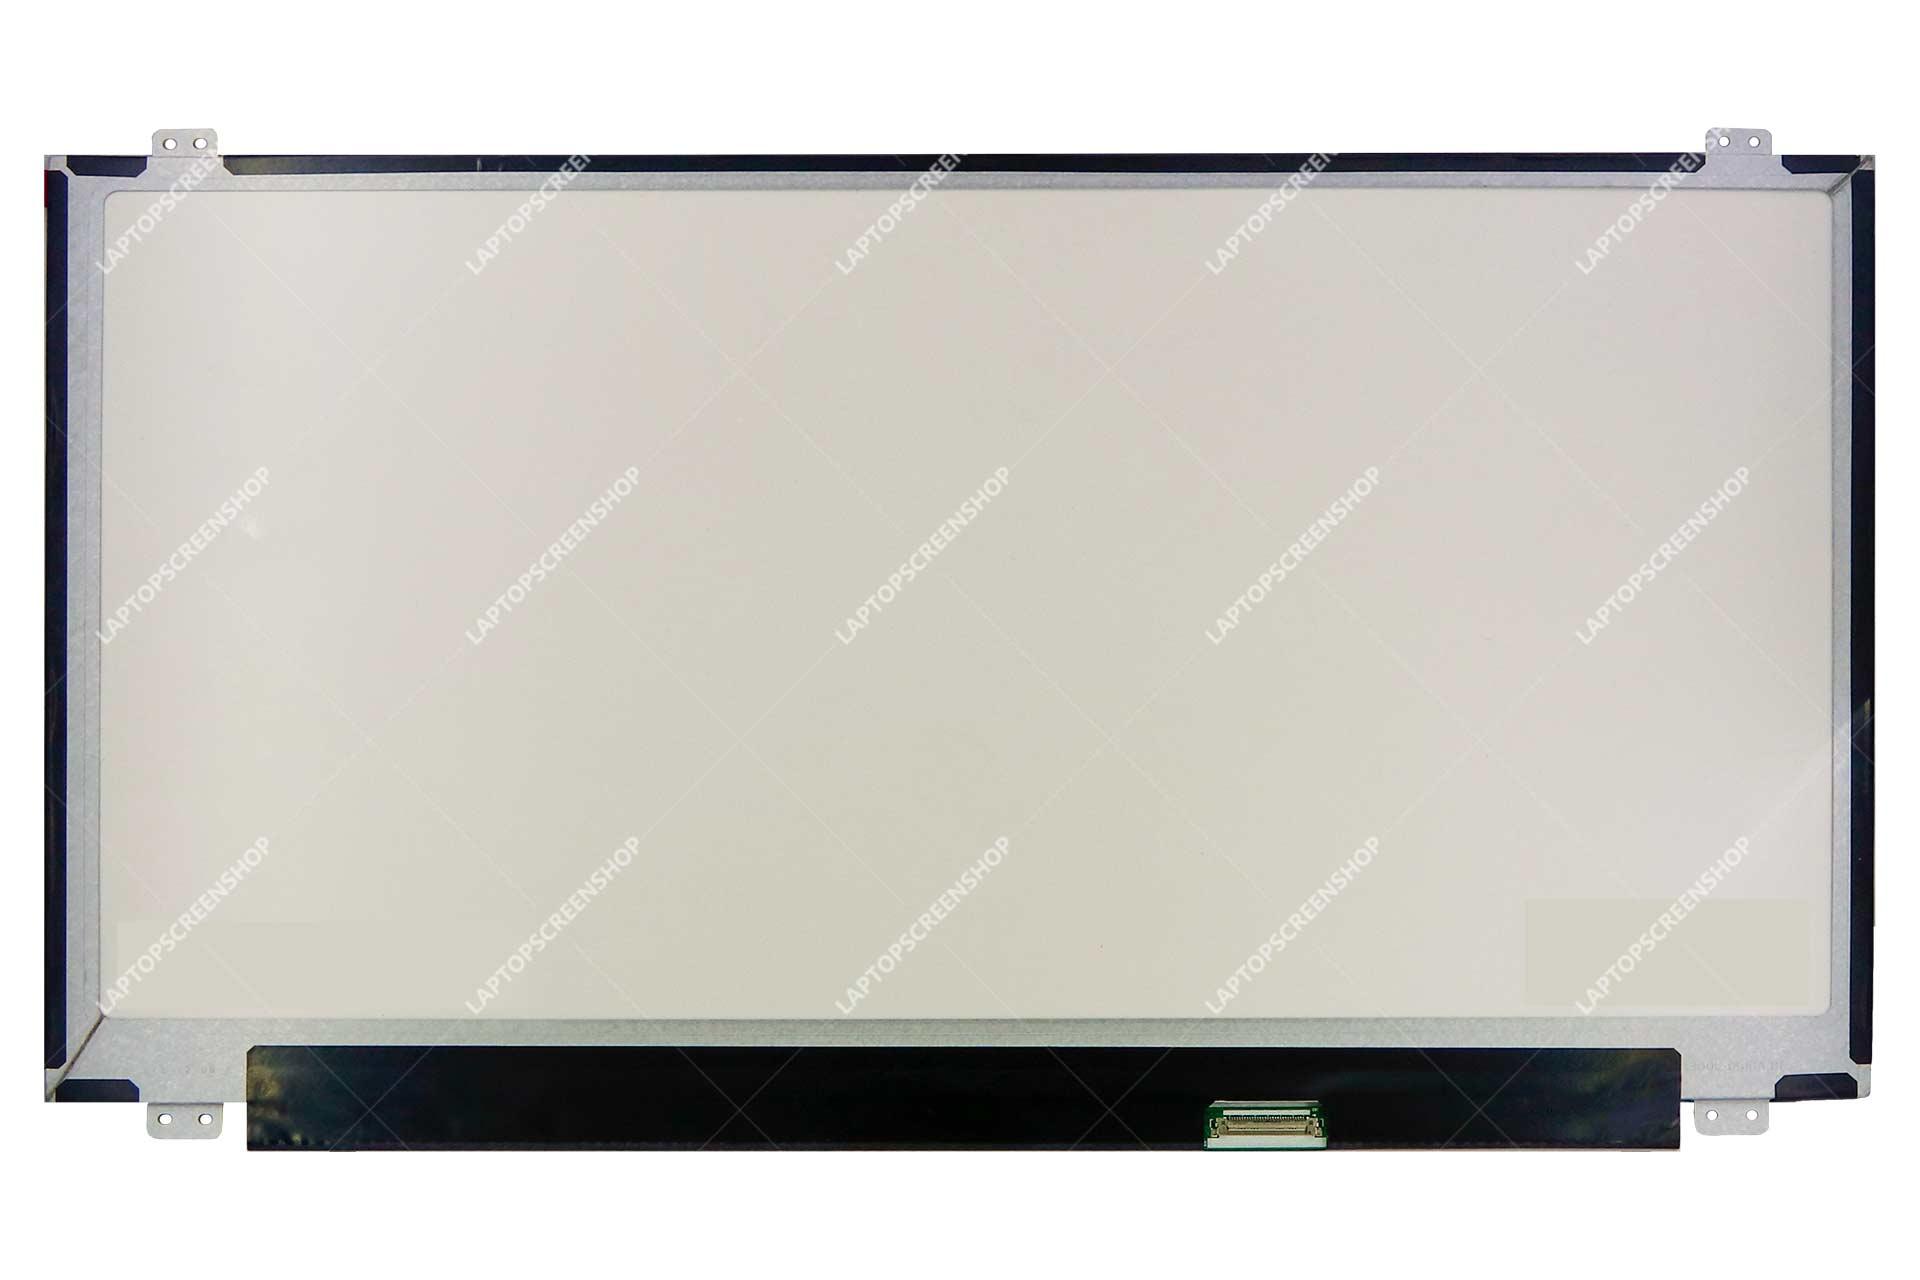 ACER-ASPIRE-E15- E5-532-C61J-LCD |HD|فروشگاه لپ تاپ اسکرين | تعمير لپ تاپ